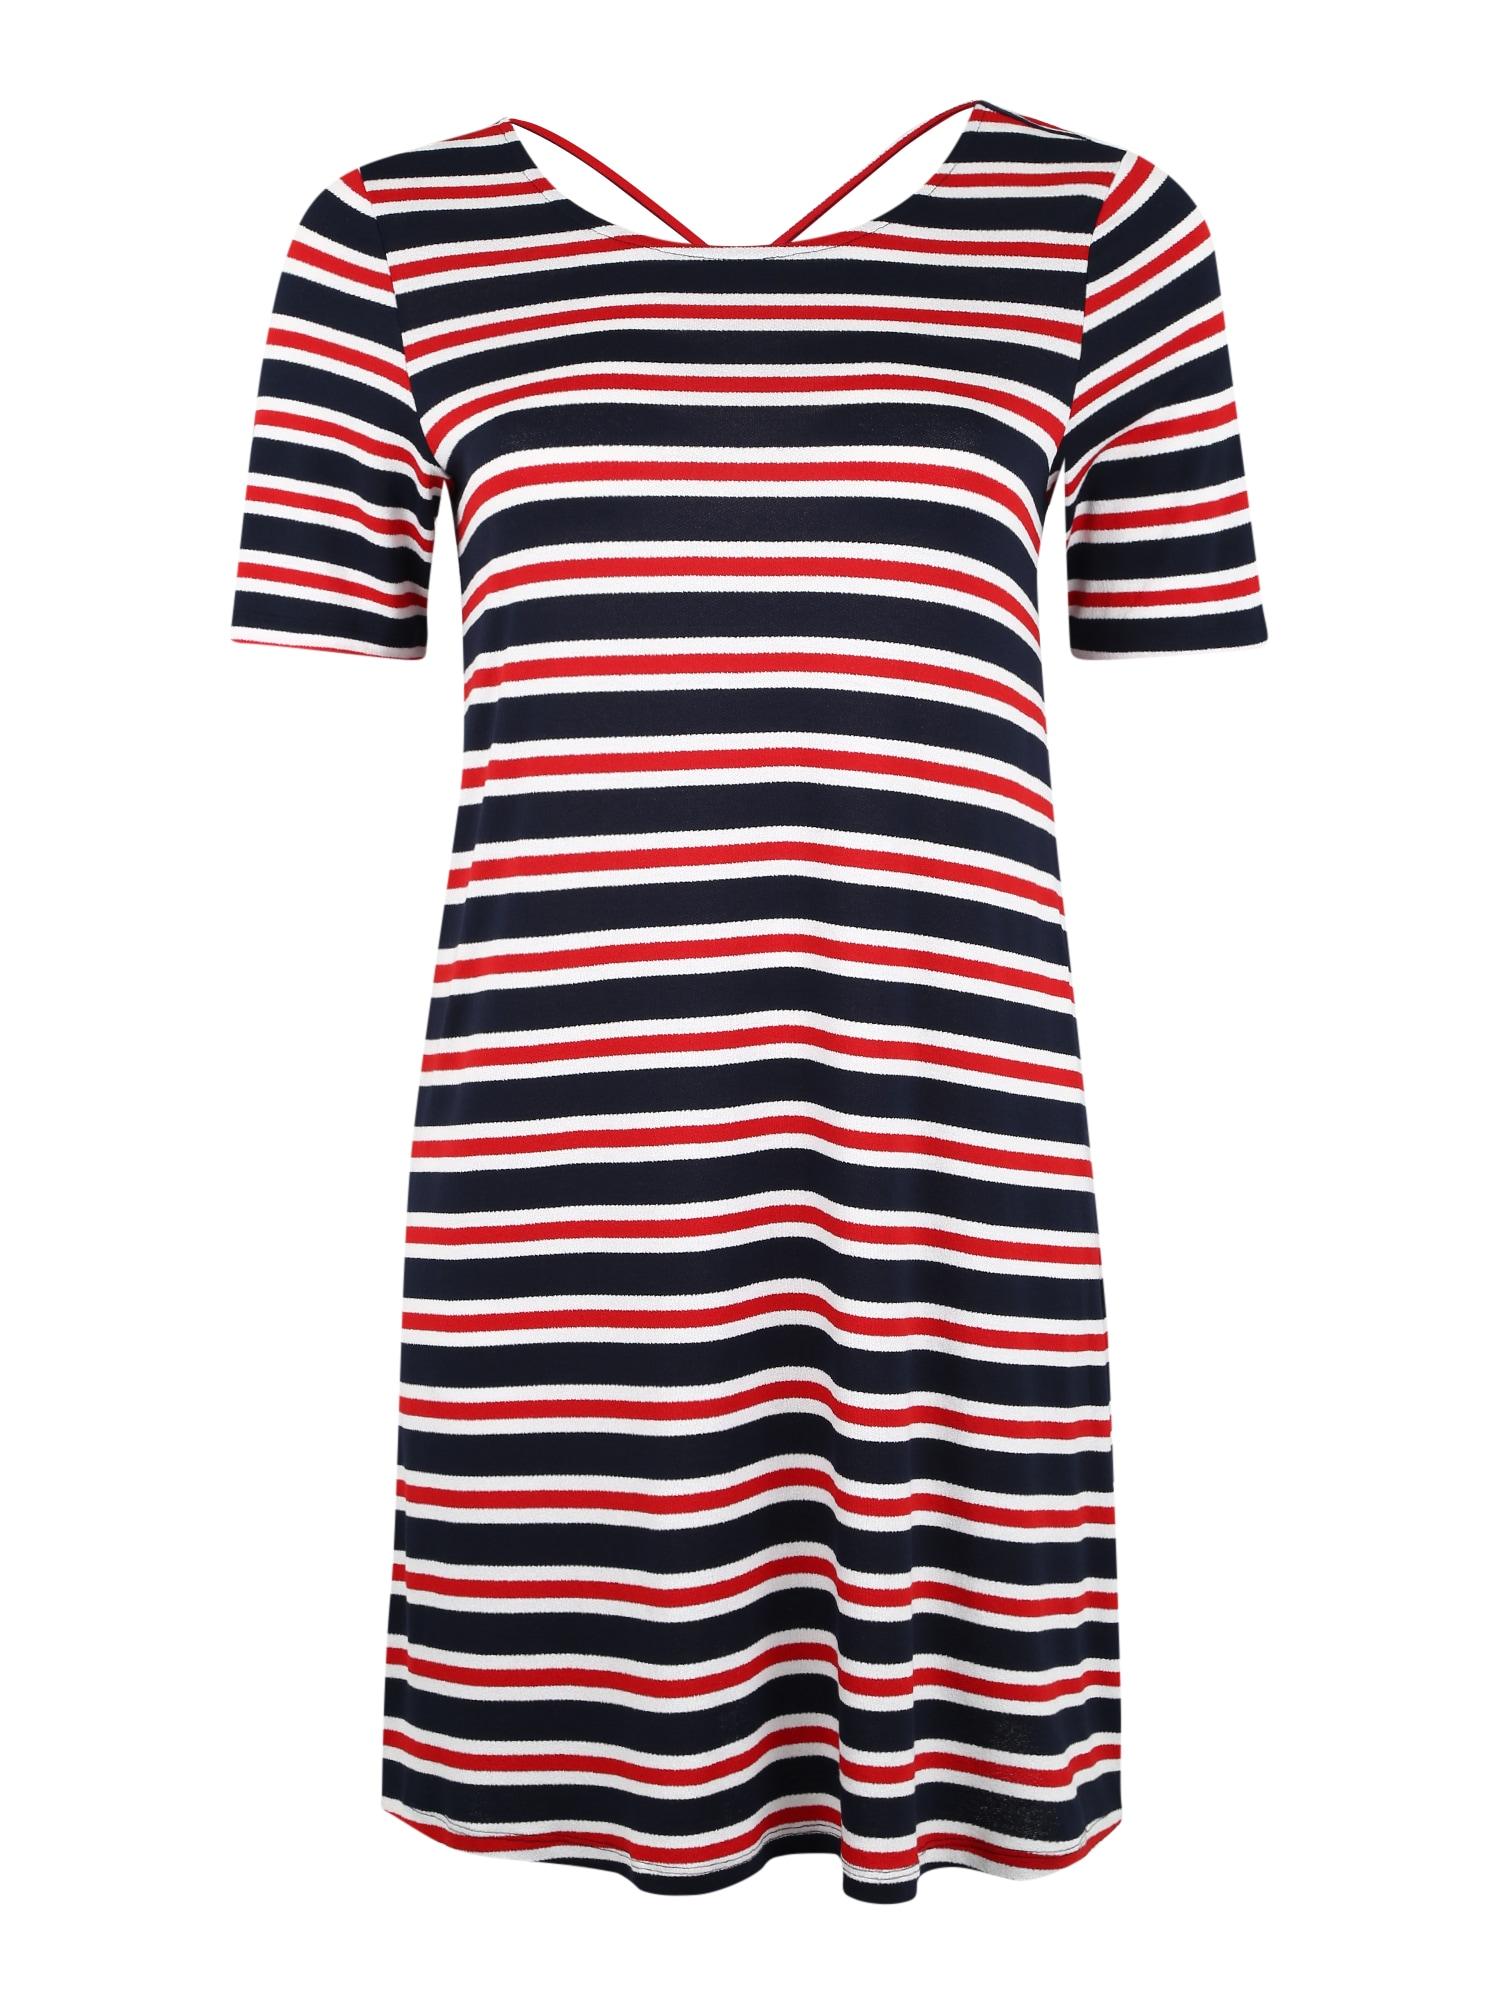 Šaty BANDANA námořnická modř červená ONLY Carmakoma